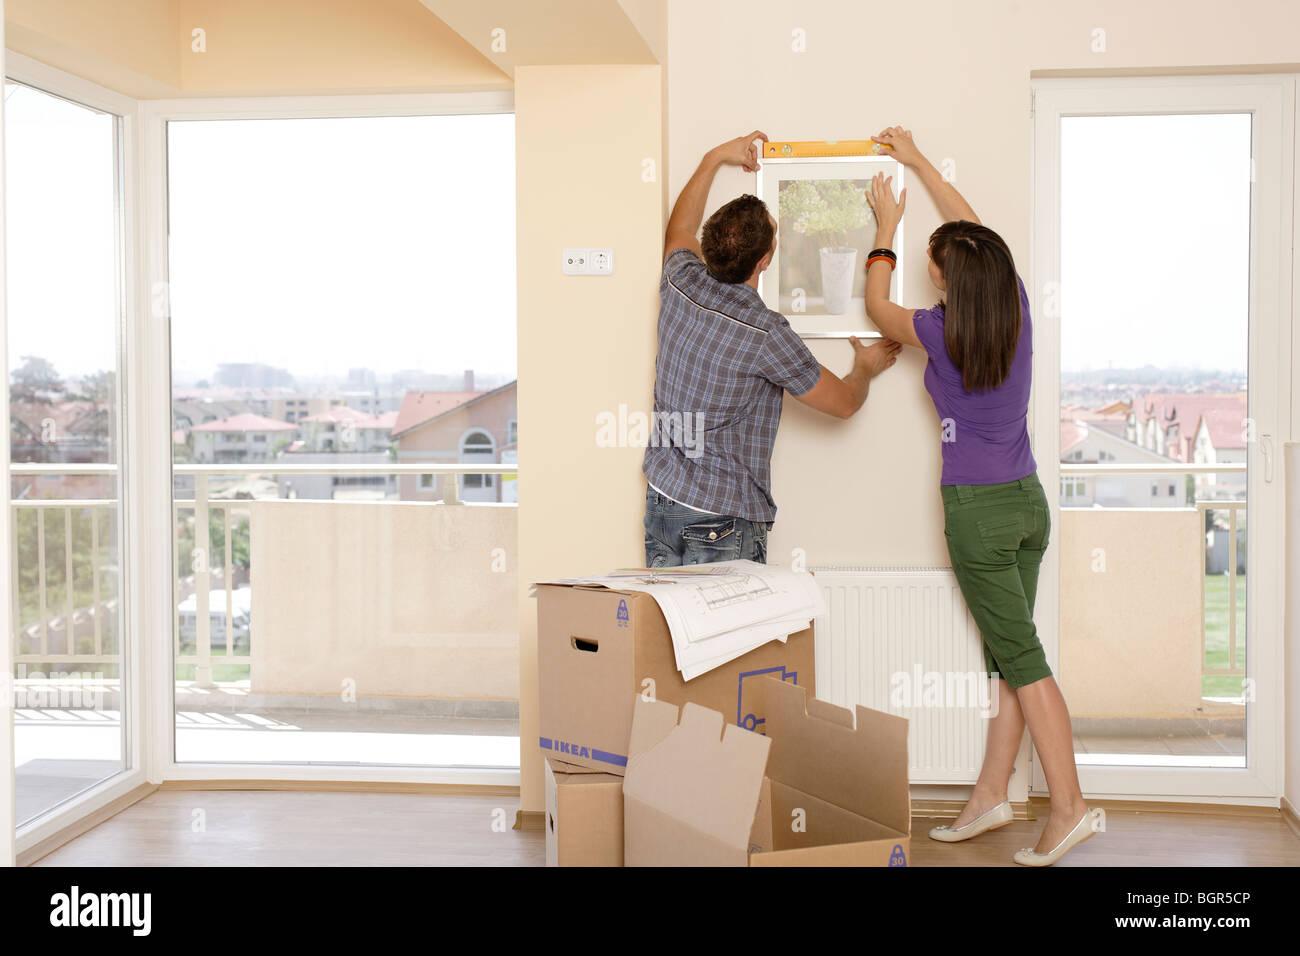 Mann Und Frau Nur Umzug In Eine Neue Wohnung Dekorieren Stockfoto